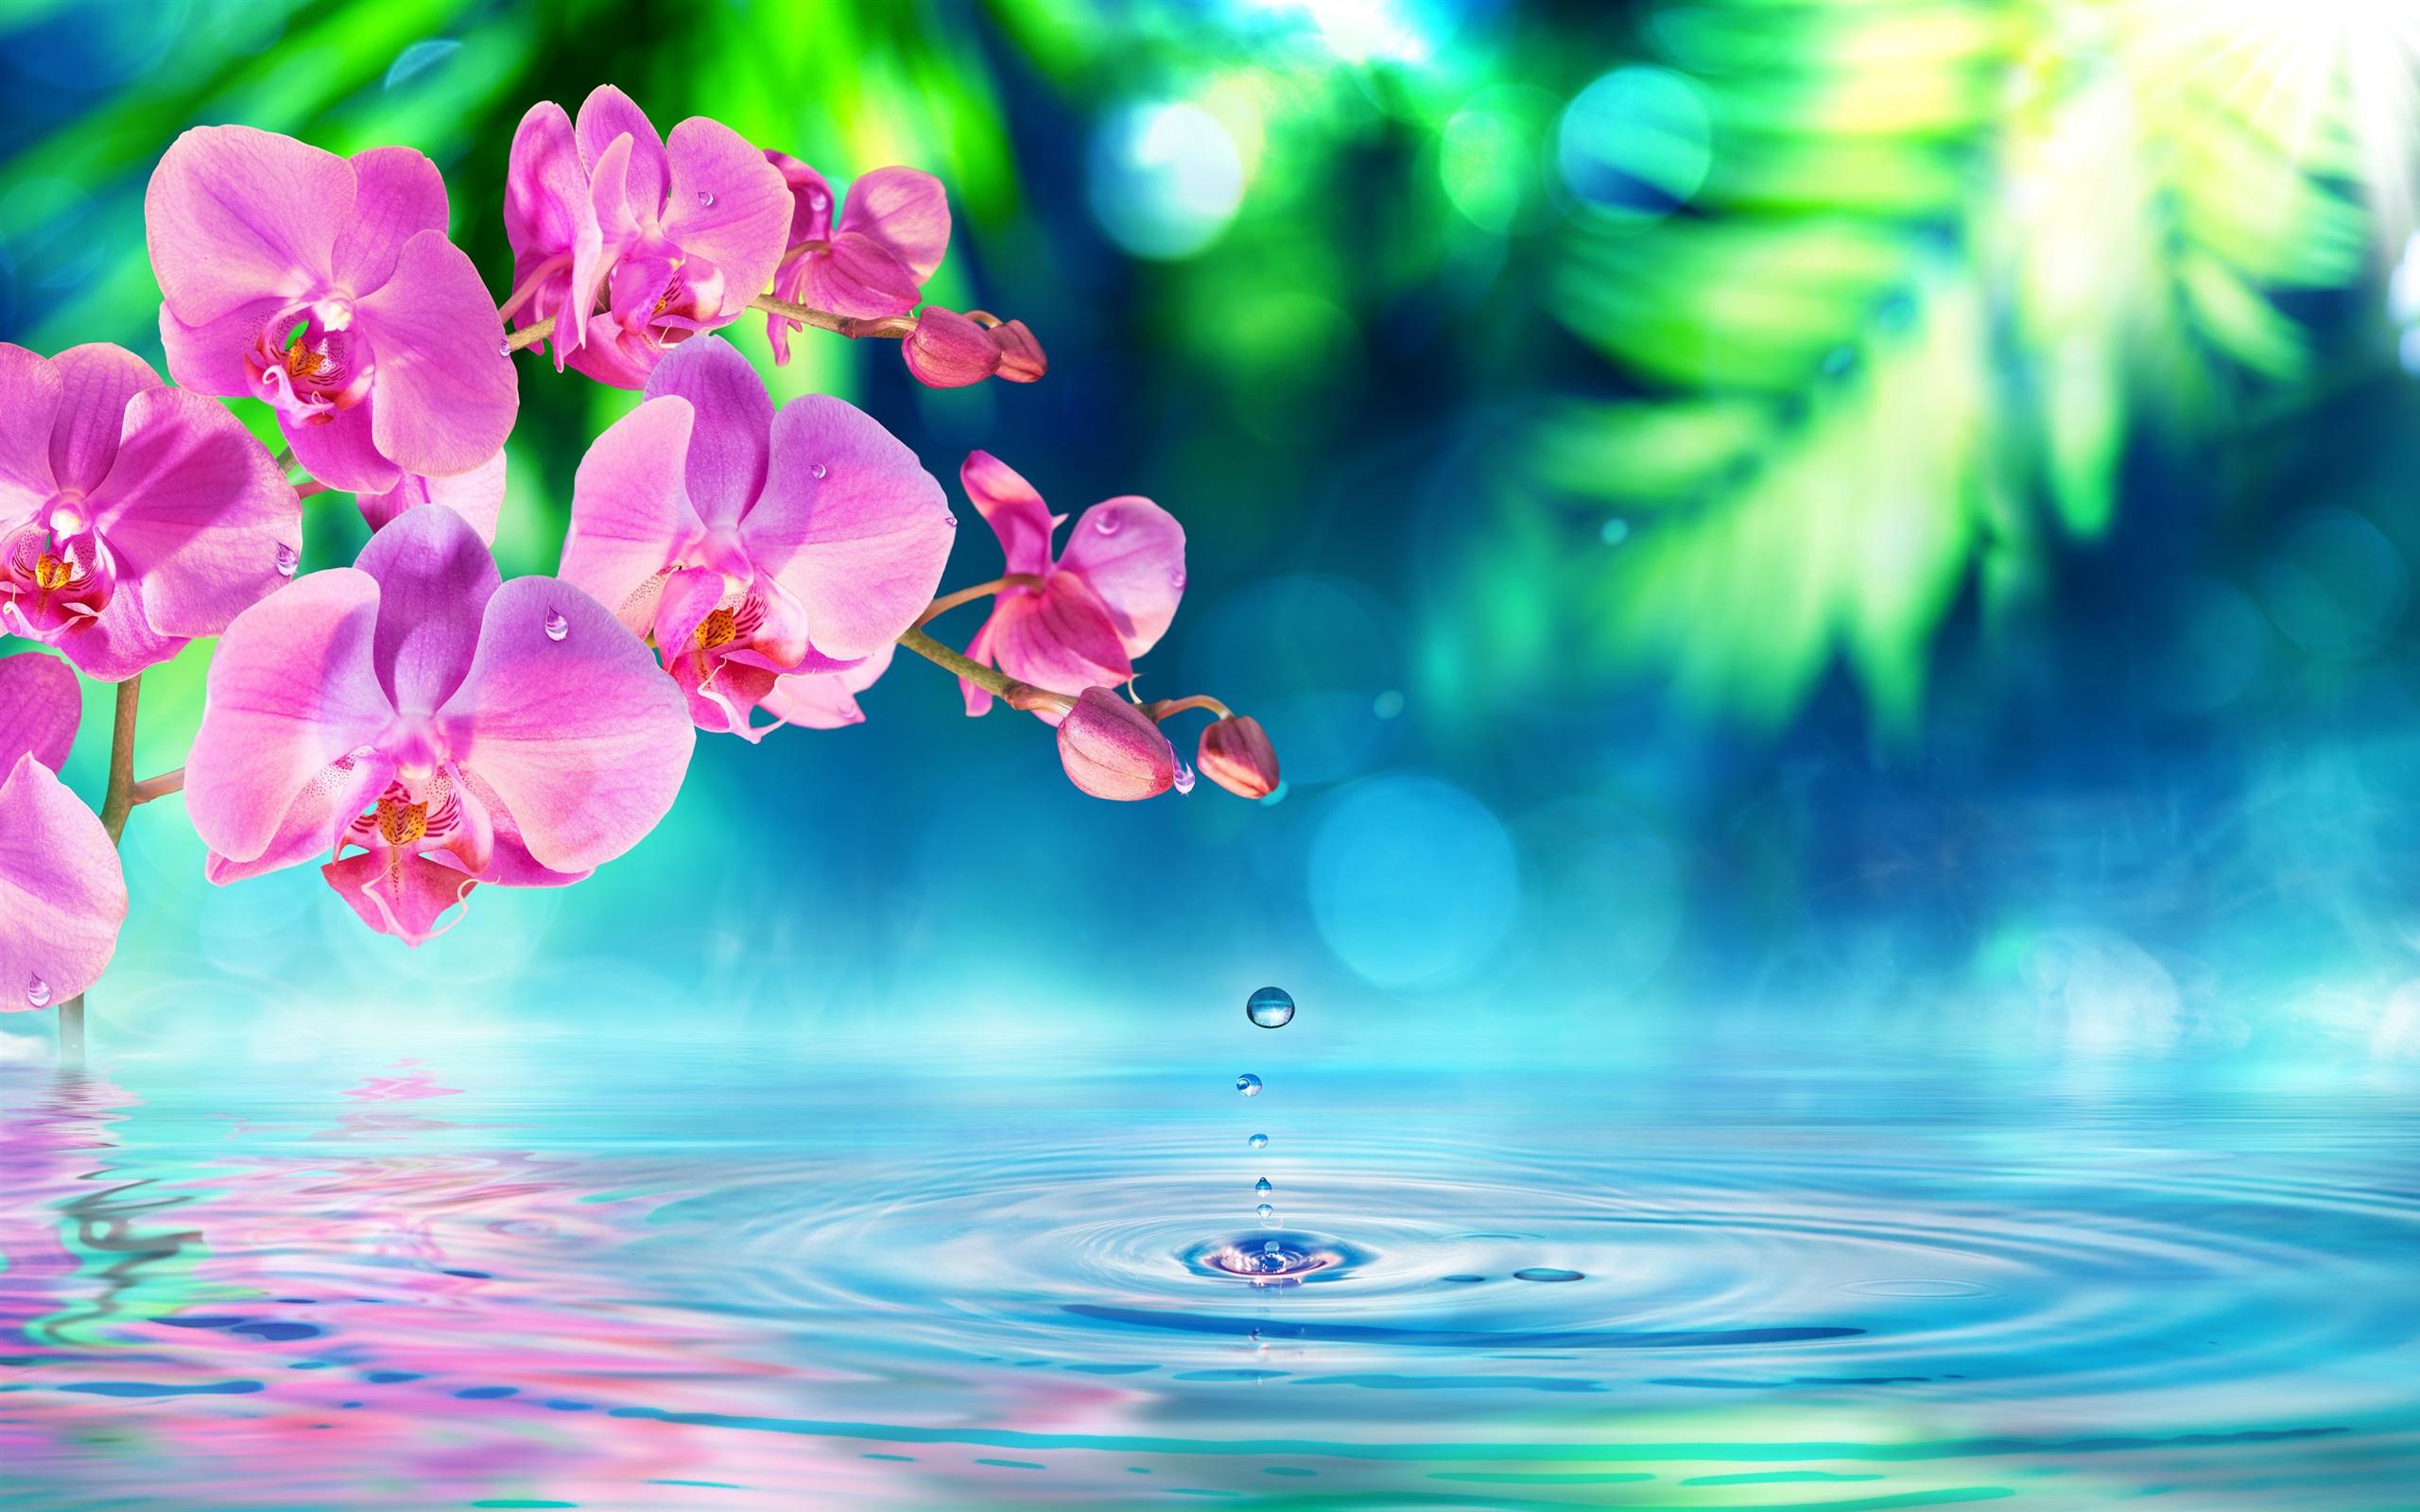 Fondos De Pantalla Iphone 7 Plus: Phalaenopsis, Flores Rosadas, Ondas De Agua, Gotas